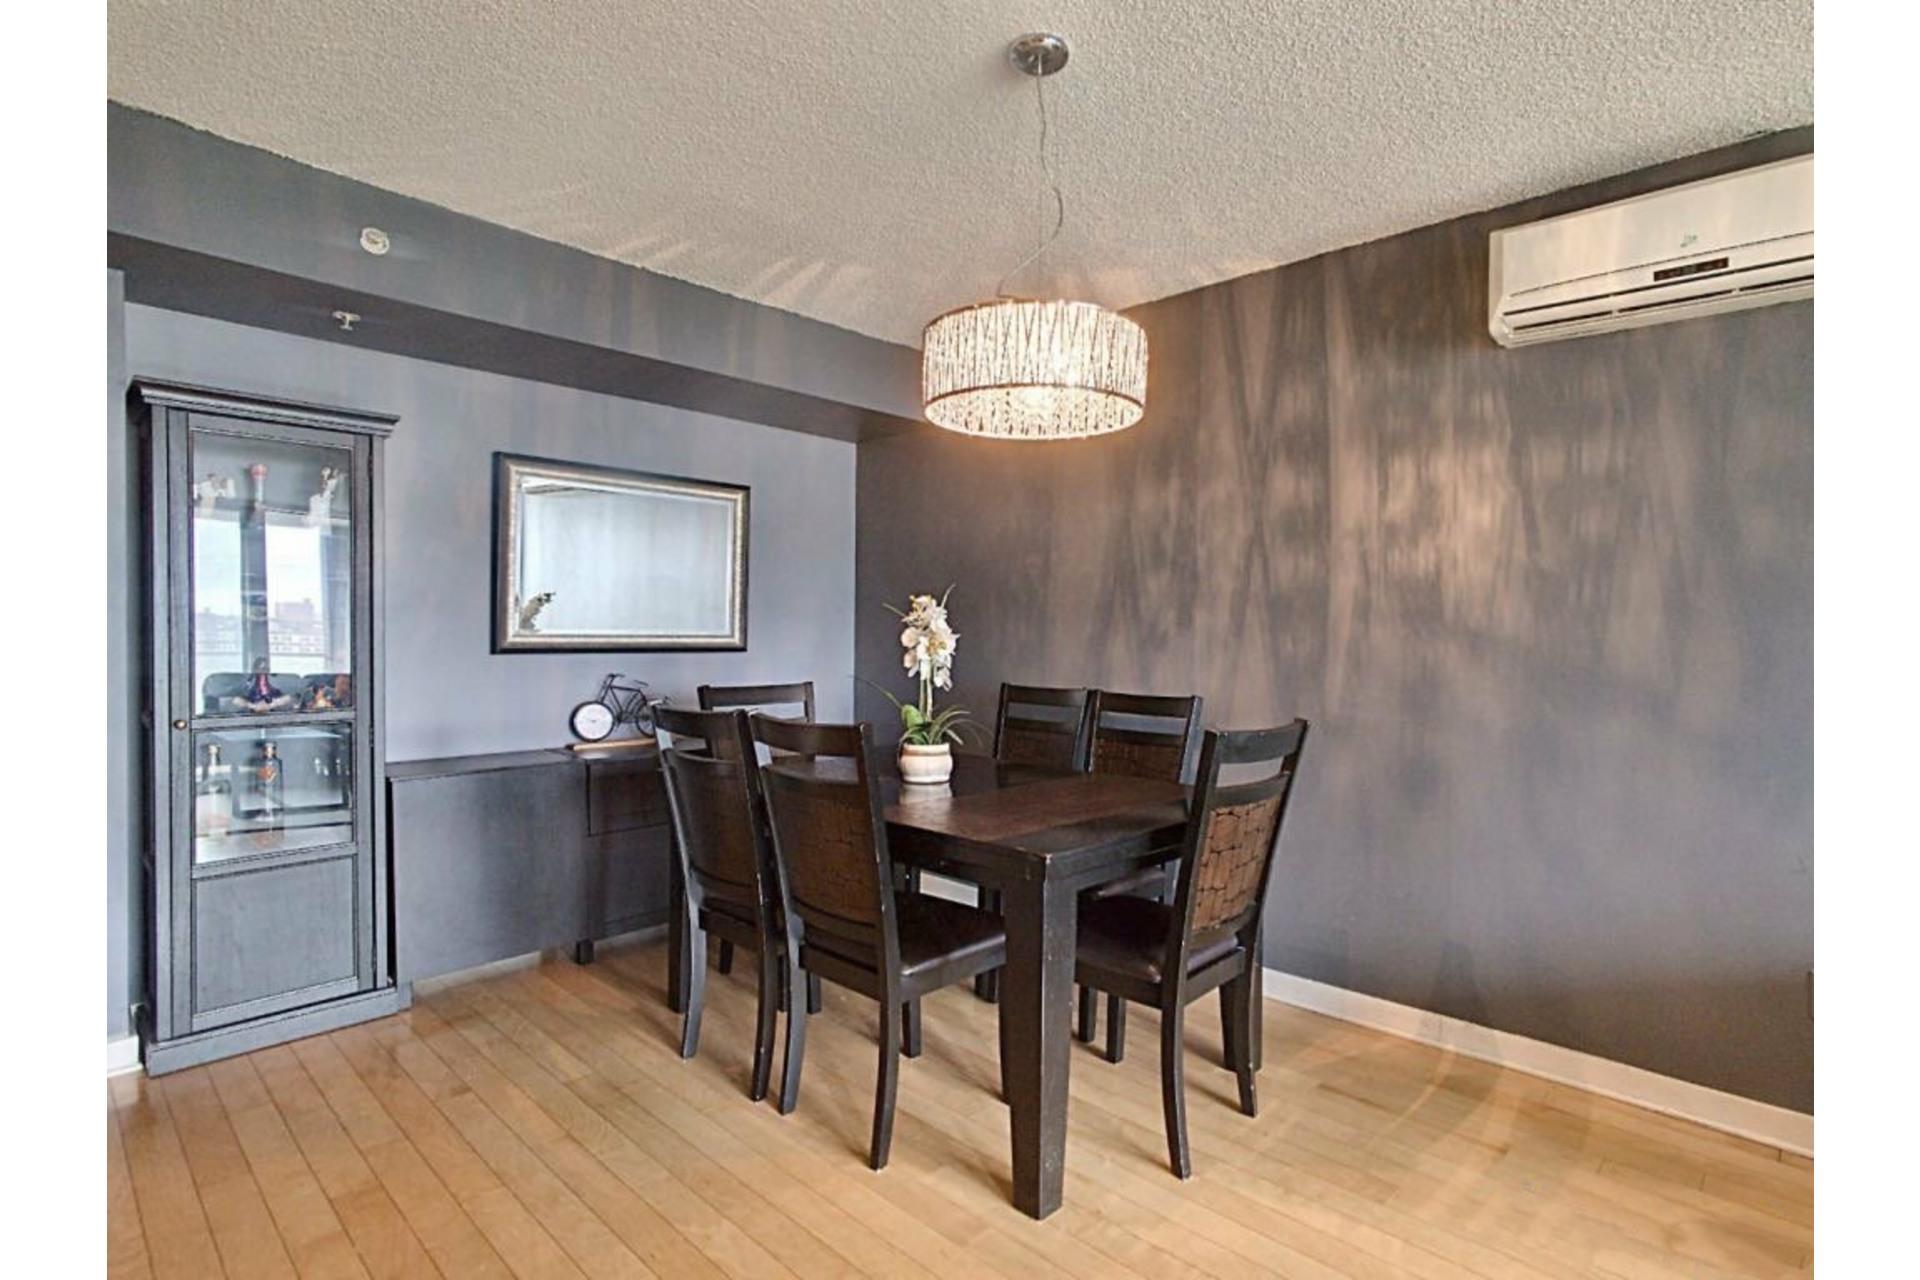 image 7 - Apartment For sale Ahuntsic-Cartierville Montréal  - 6 rooms